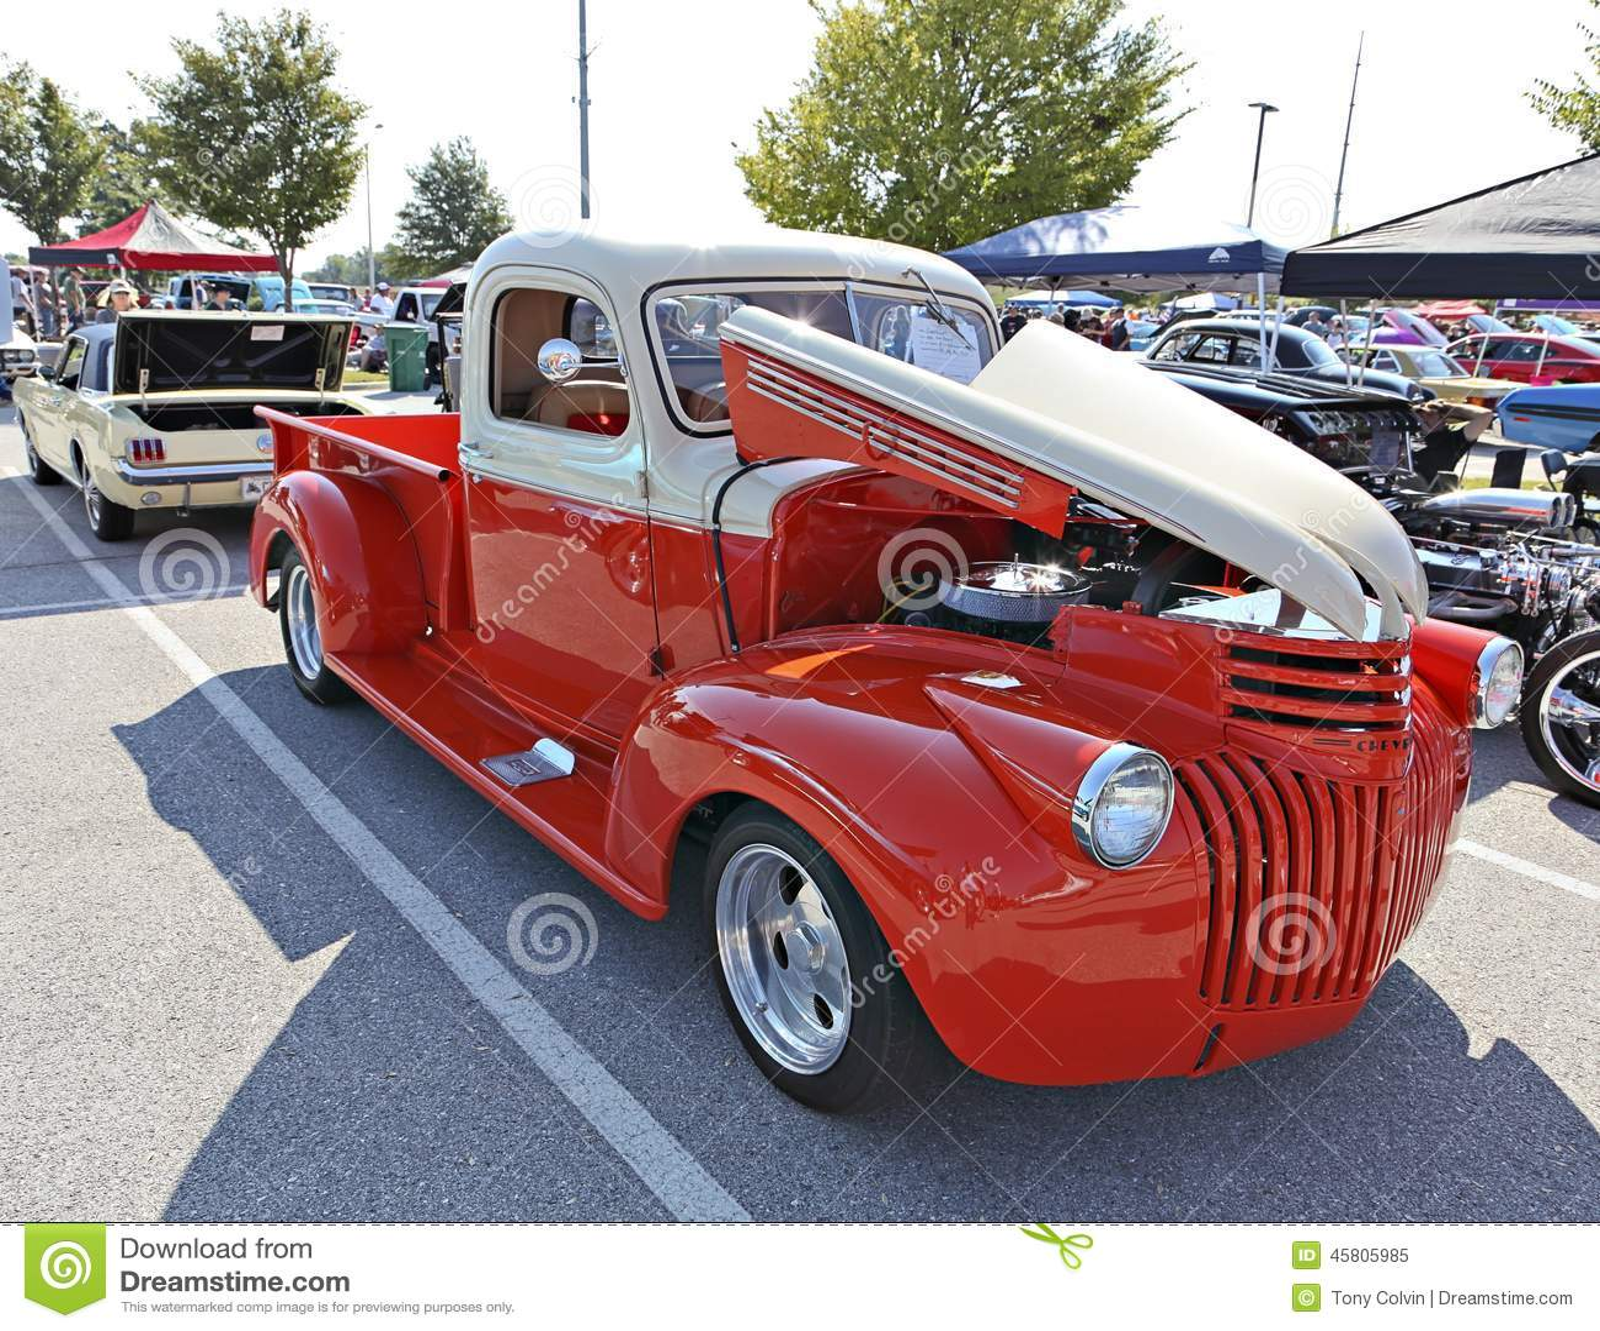 1946 chevrolet pick up truck editorial image image 45805985. Black Bedroom Furniture Sets. Home Design Ideas